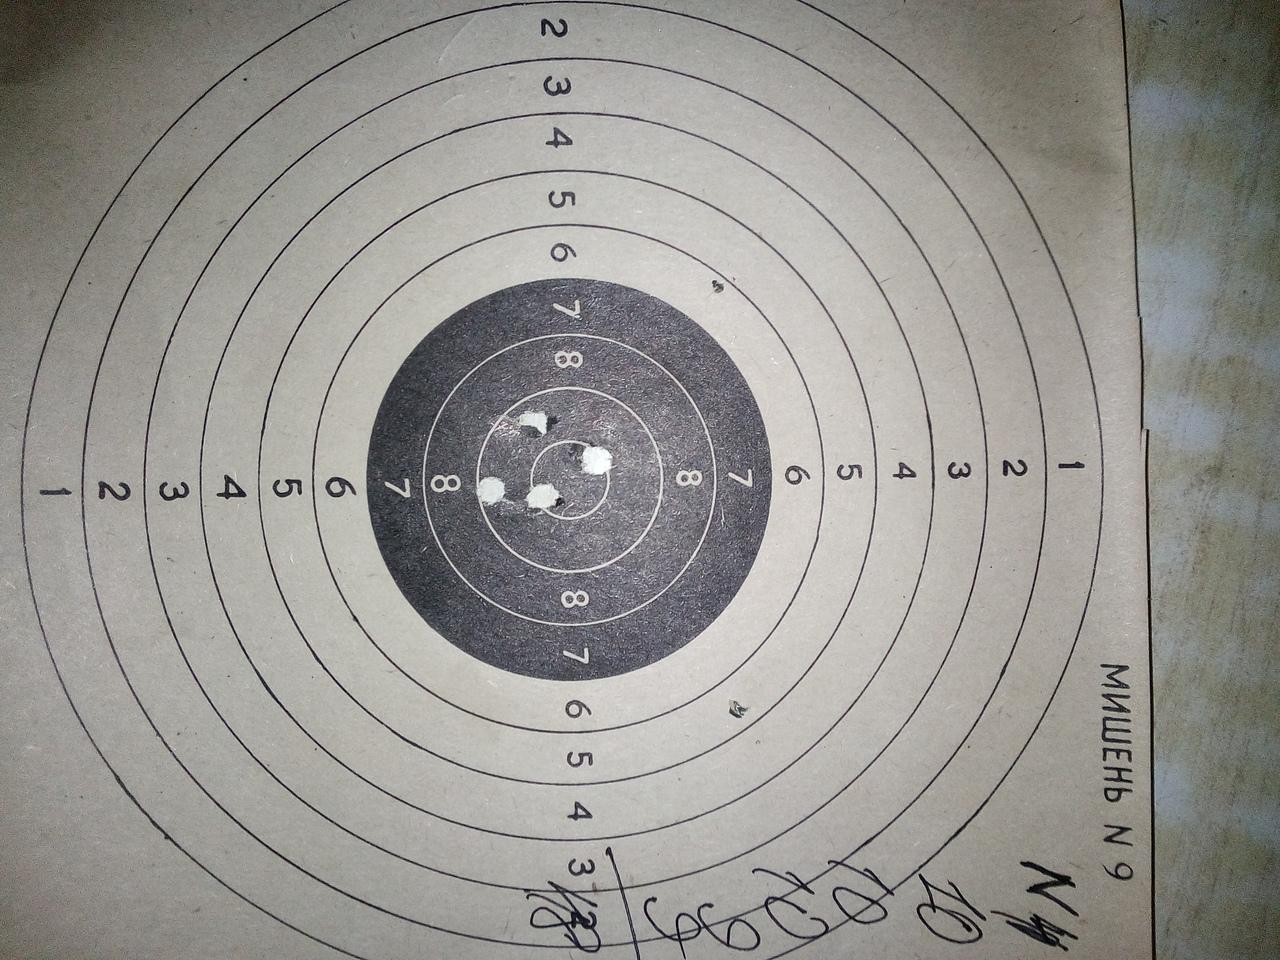 target №4.jpg